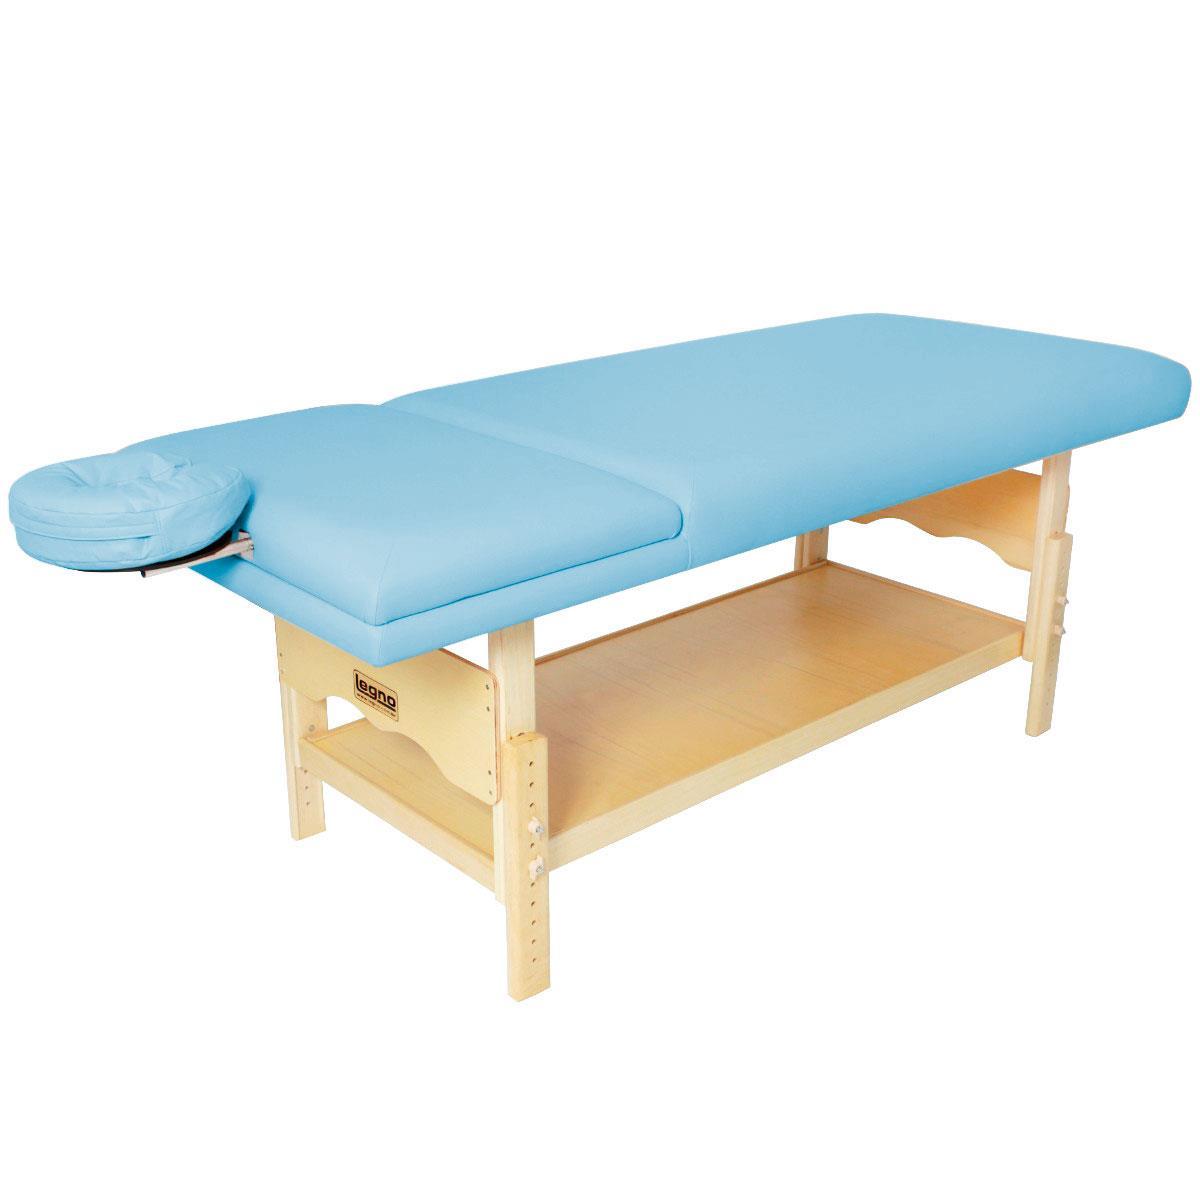 Maca De Massagem Reclinável Com Altura Regulável, Prateleira Inferior E Orifício Plêiades - Legno